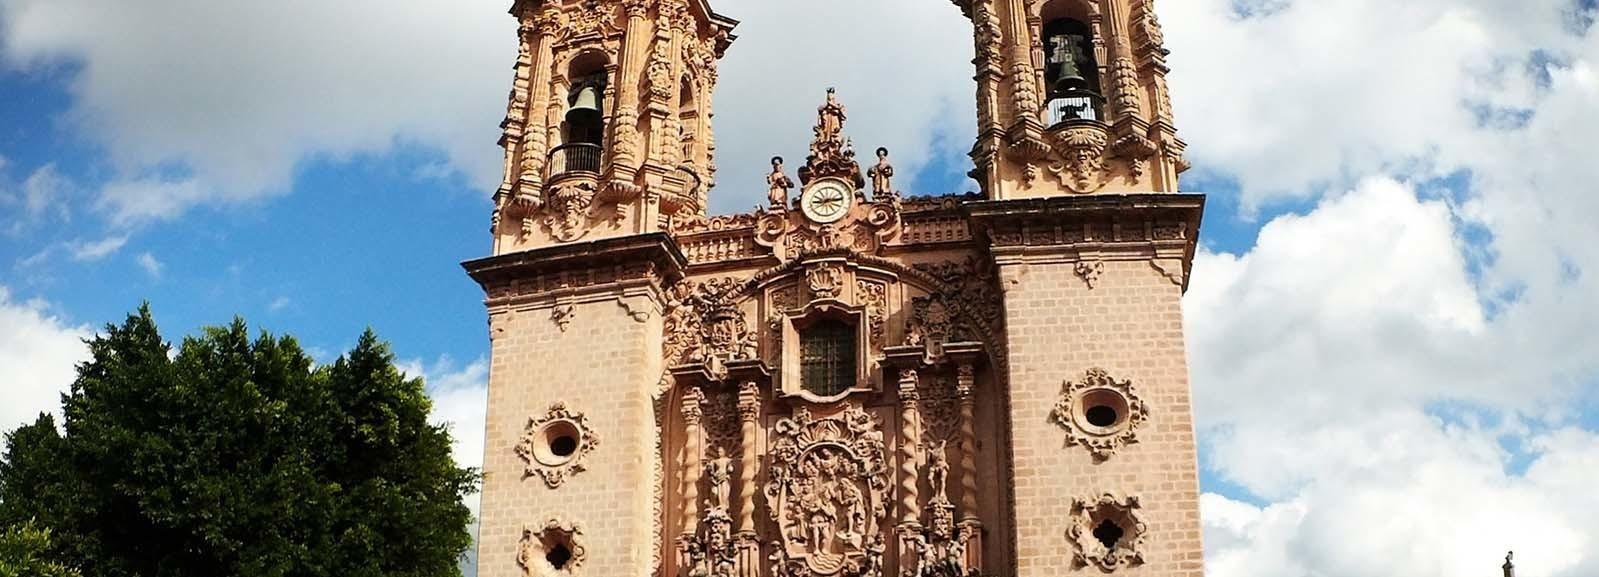 Desde Ciudad de México: tour histórico de Taxco y Cuernavaca